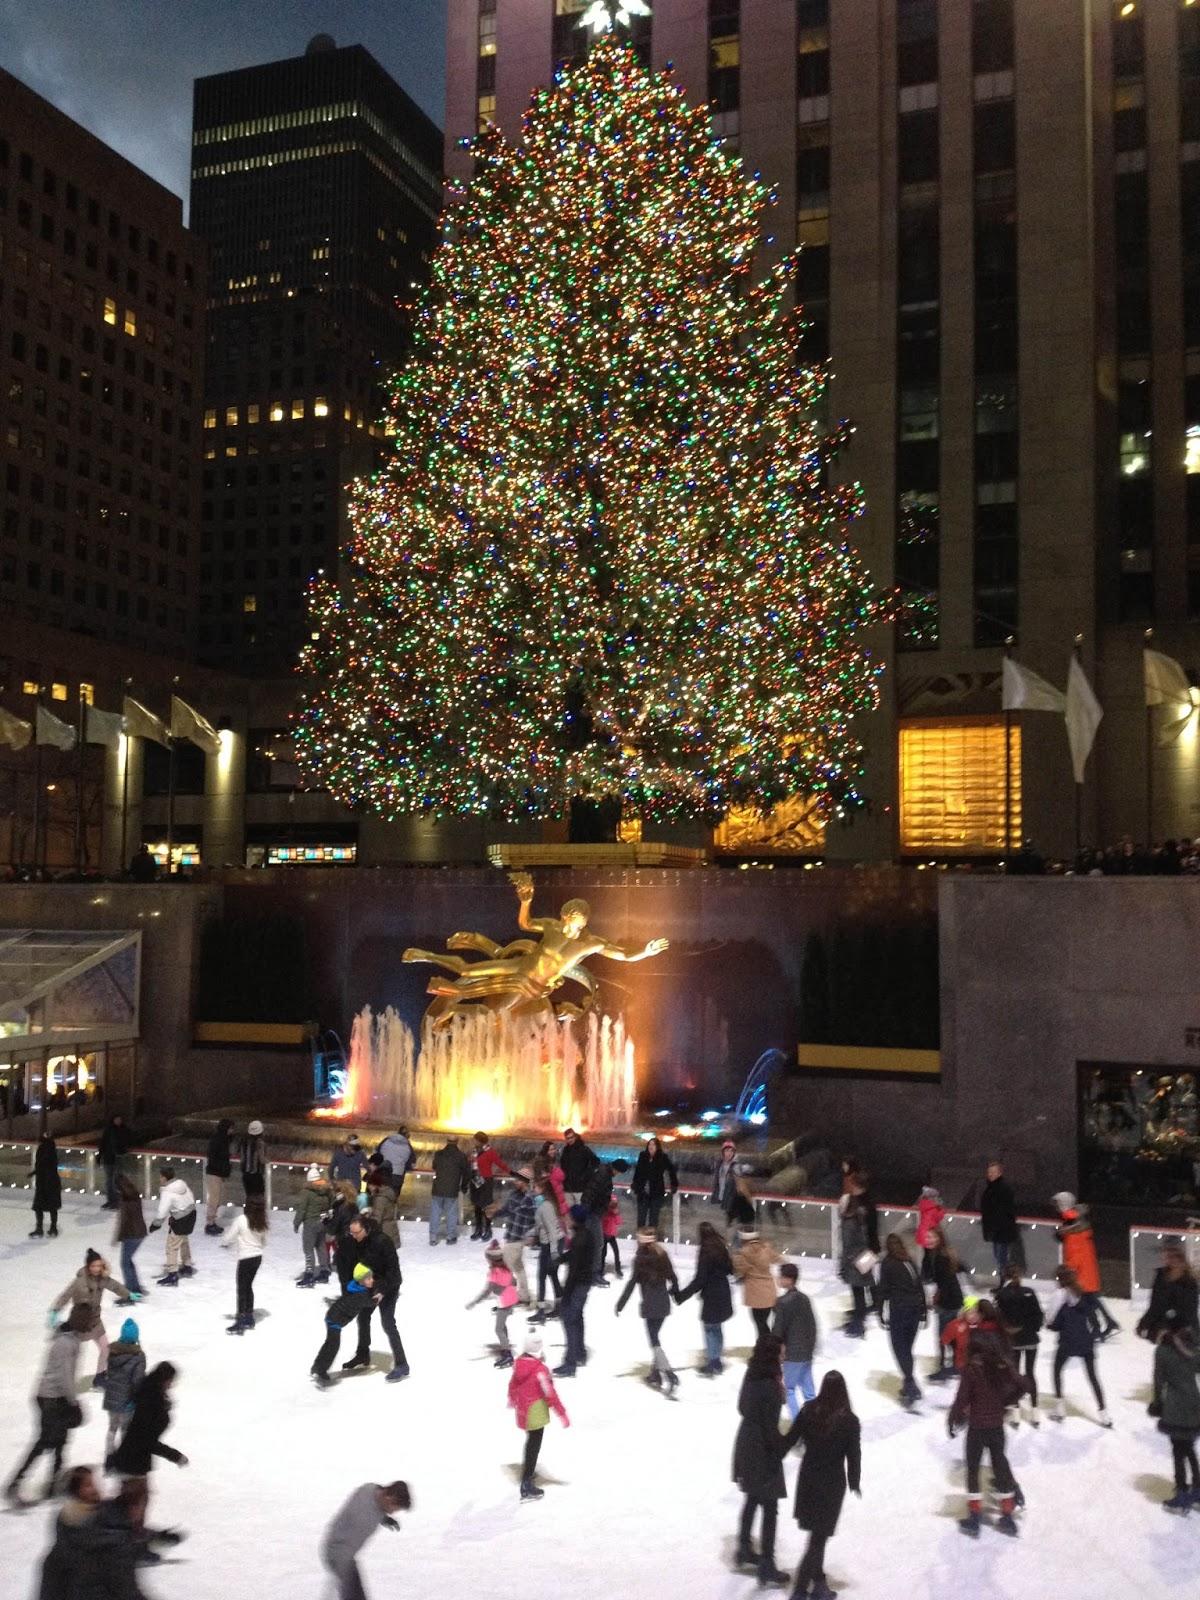 Inspirierend New York Weihnachtsbaum 2015 Schema